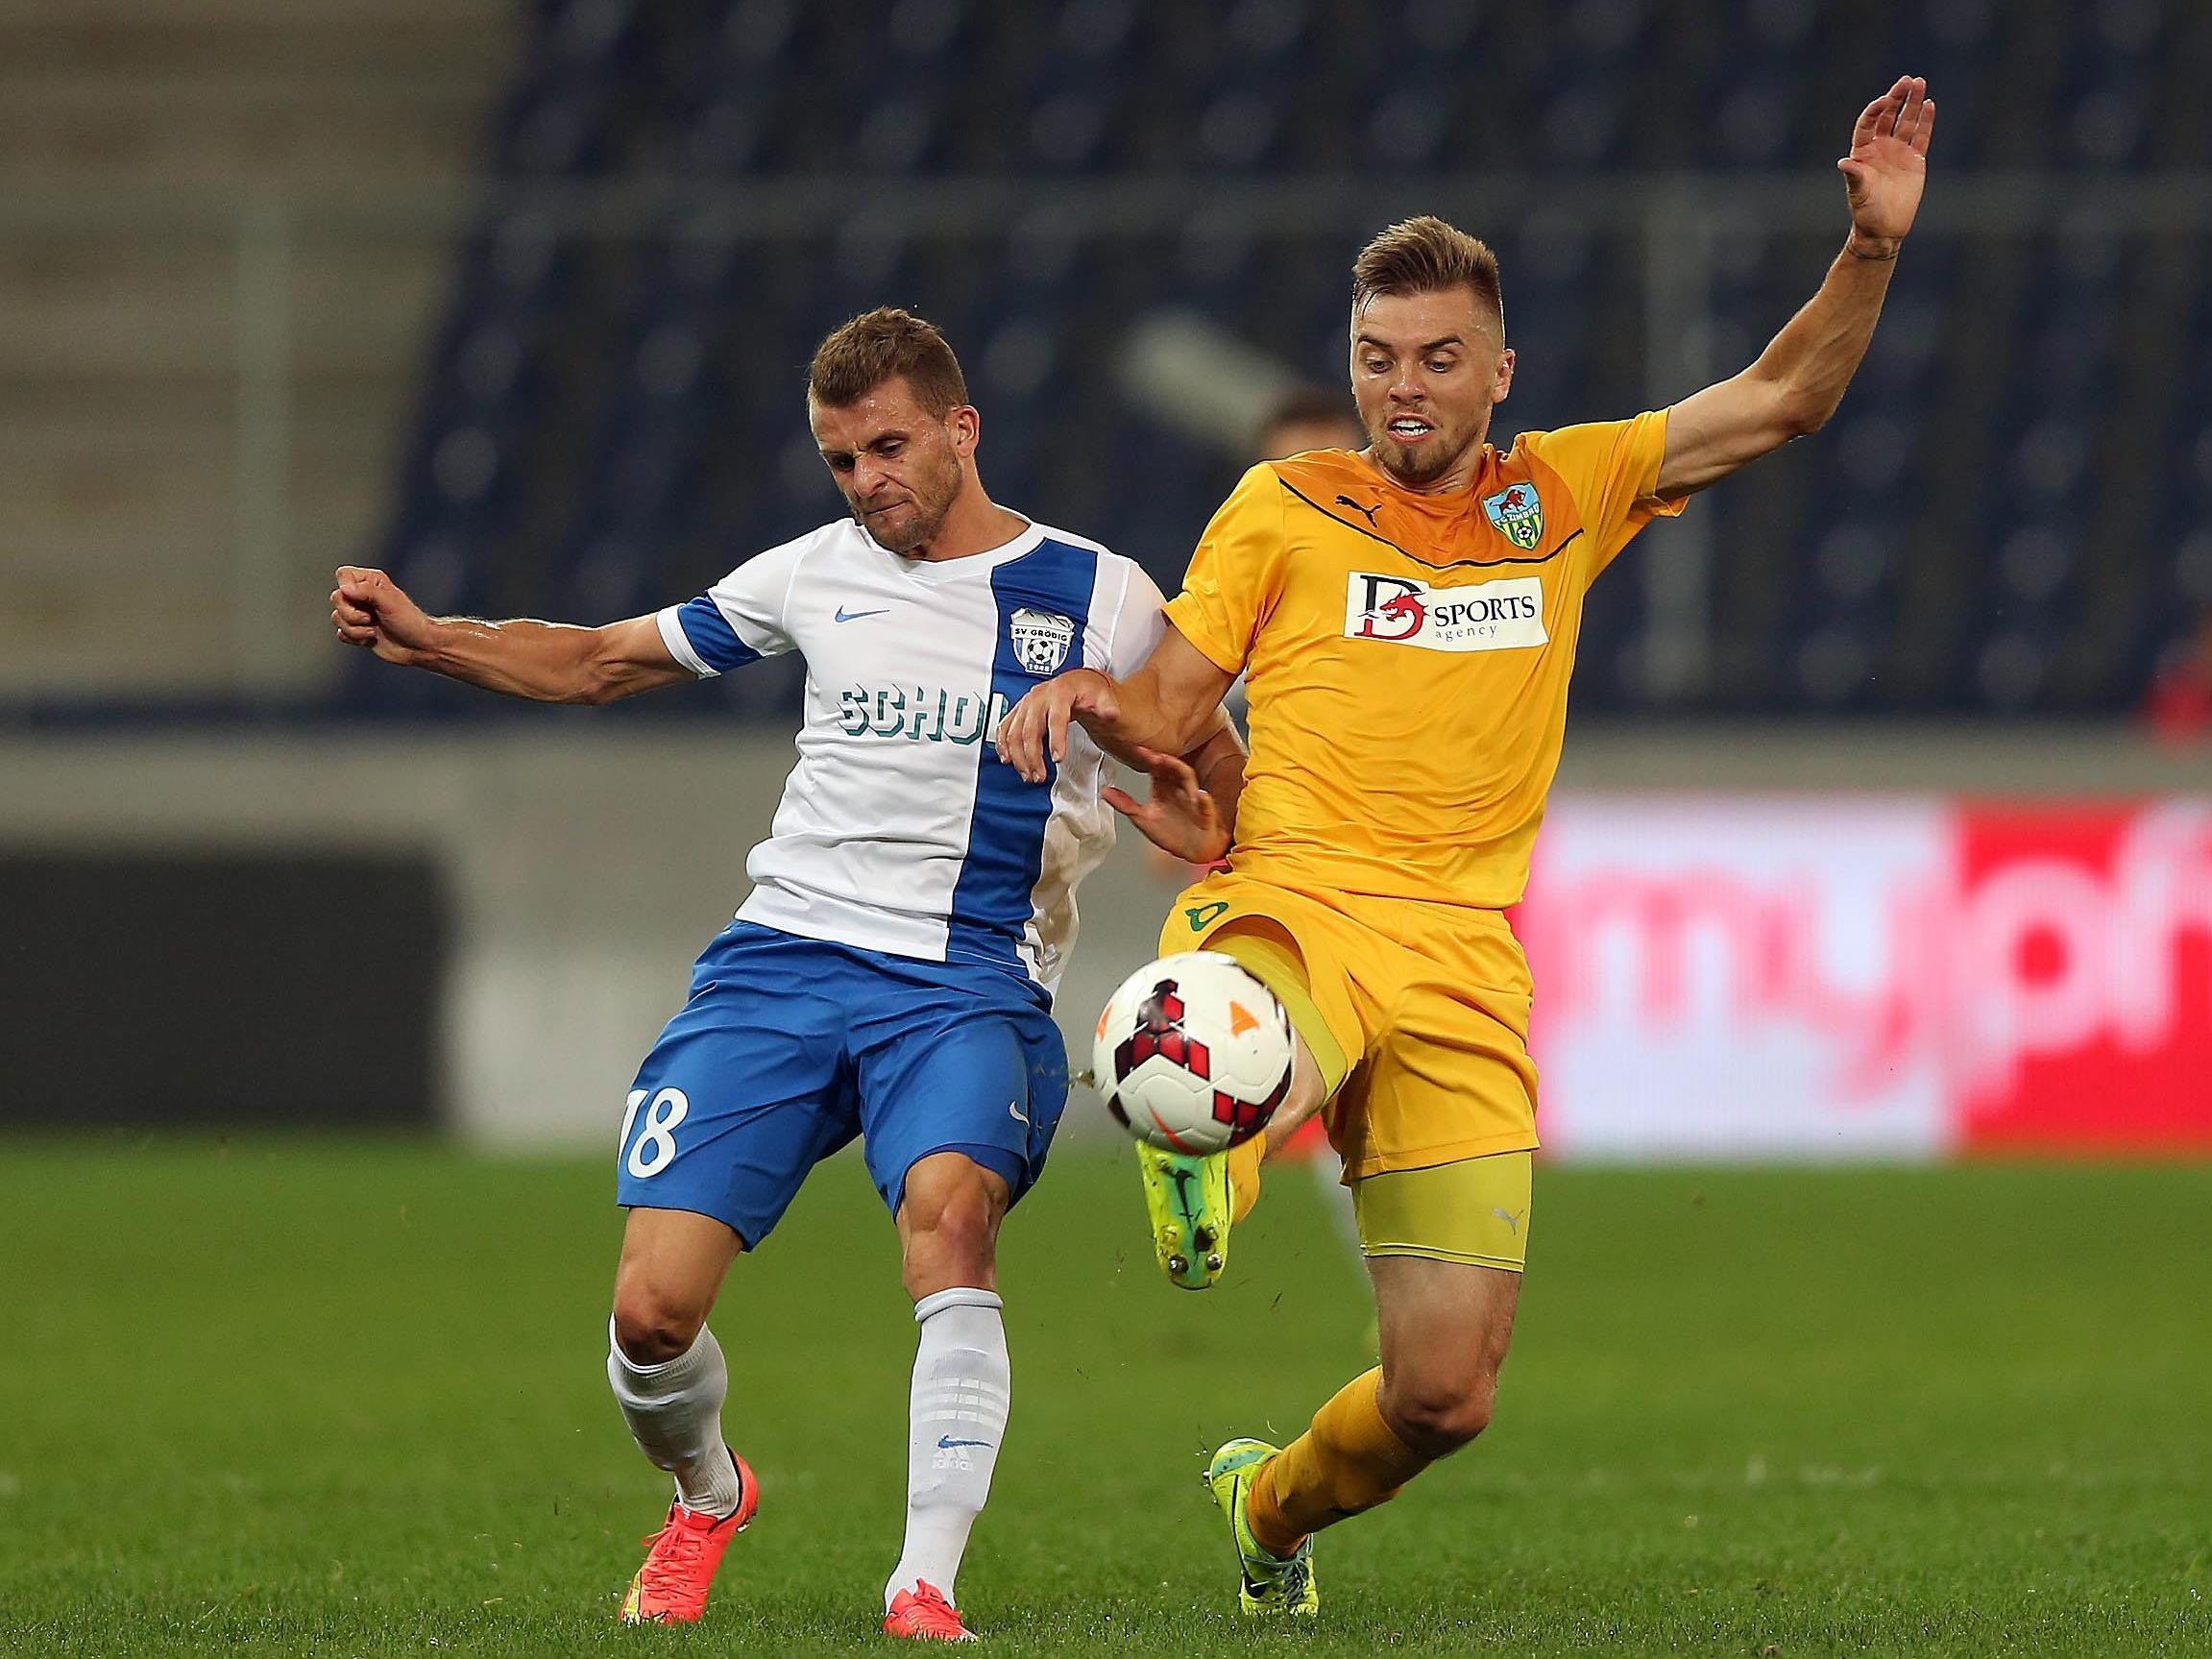 In der dritten Qualifikations-Runde der Europa League verlor SV Grödig mit 1:2.